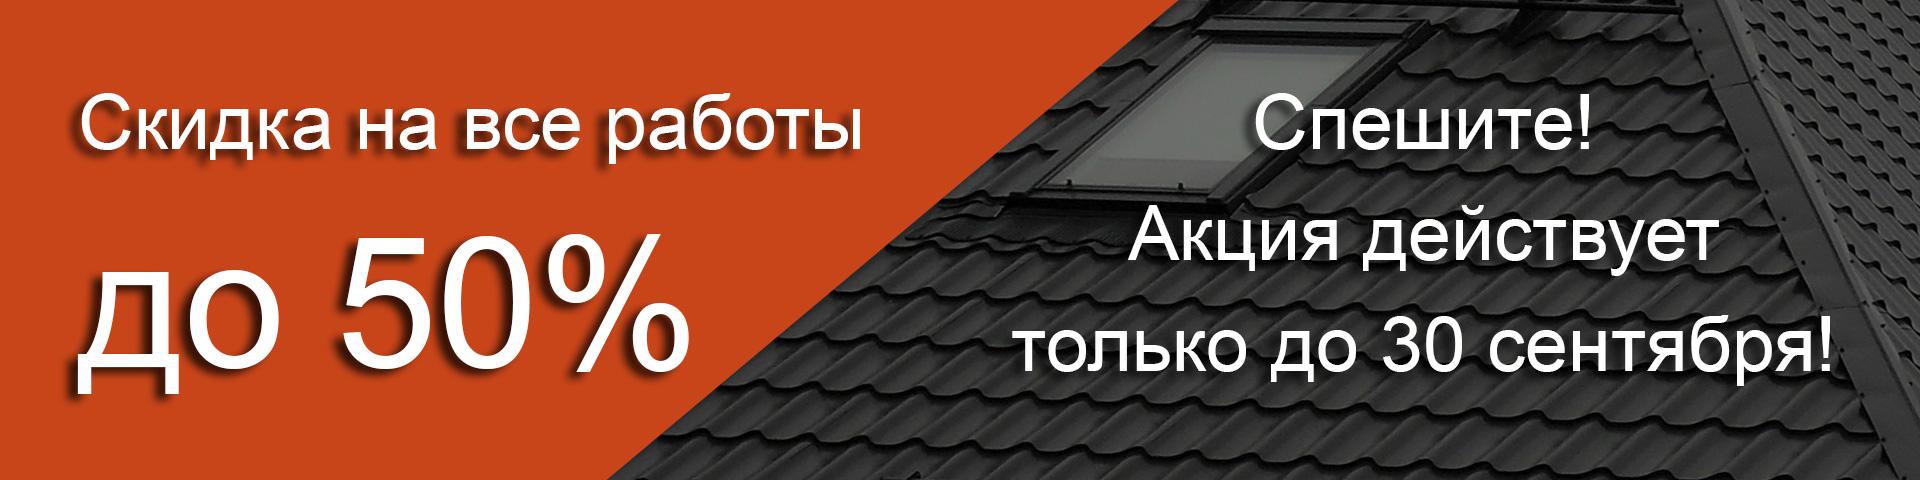 Кровельные работы в Саратове - монтаж, ремонт, замена кровли